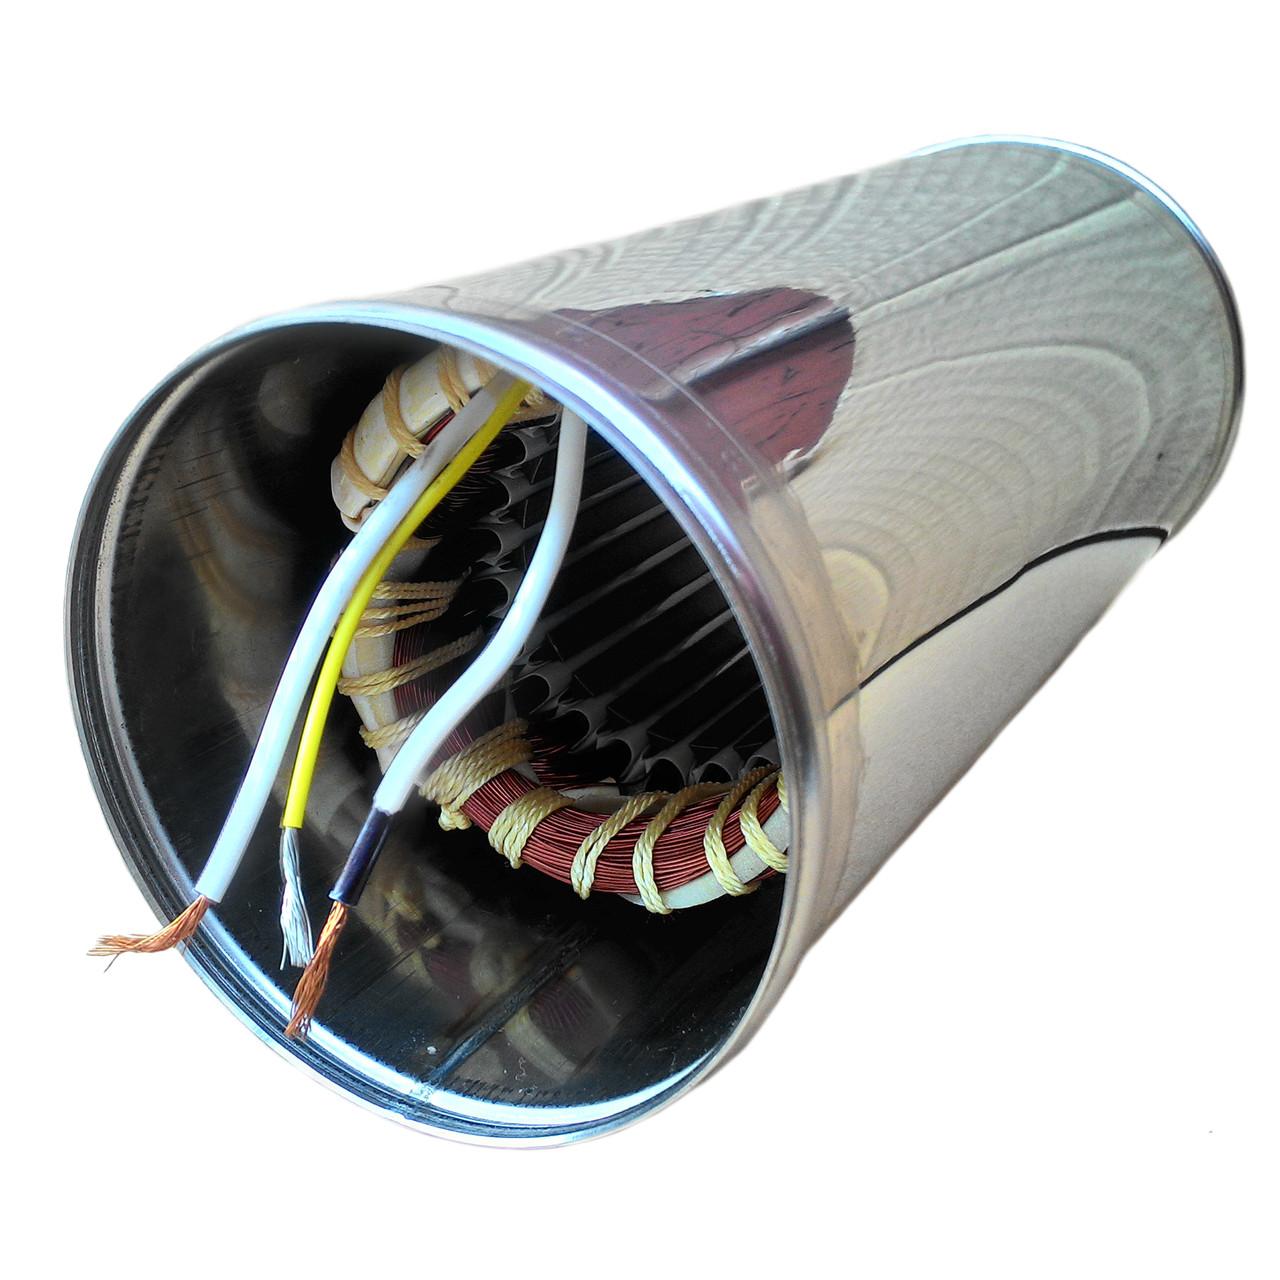 Обмотка статора в корпусе БЦПЭ 0,32-63 У для насоса Водолей